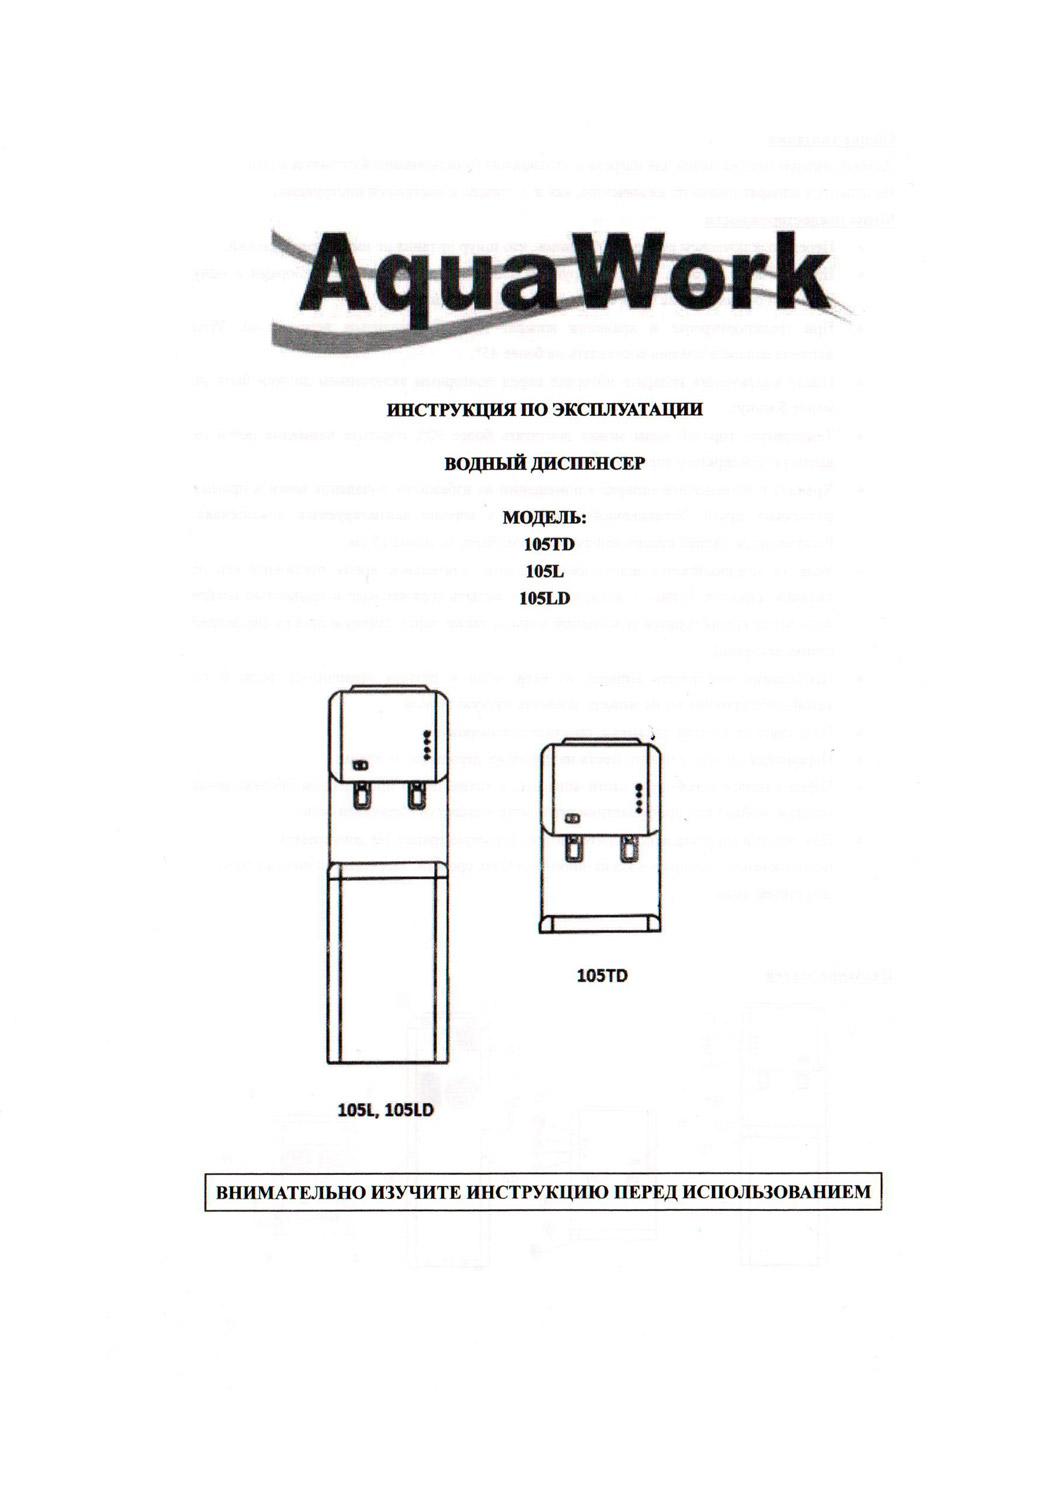 ����� Aqua Work 105 �������